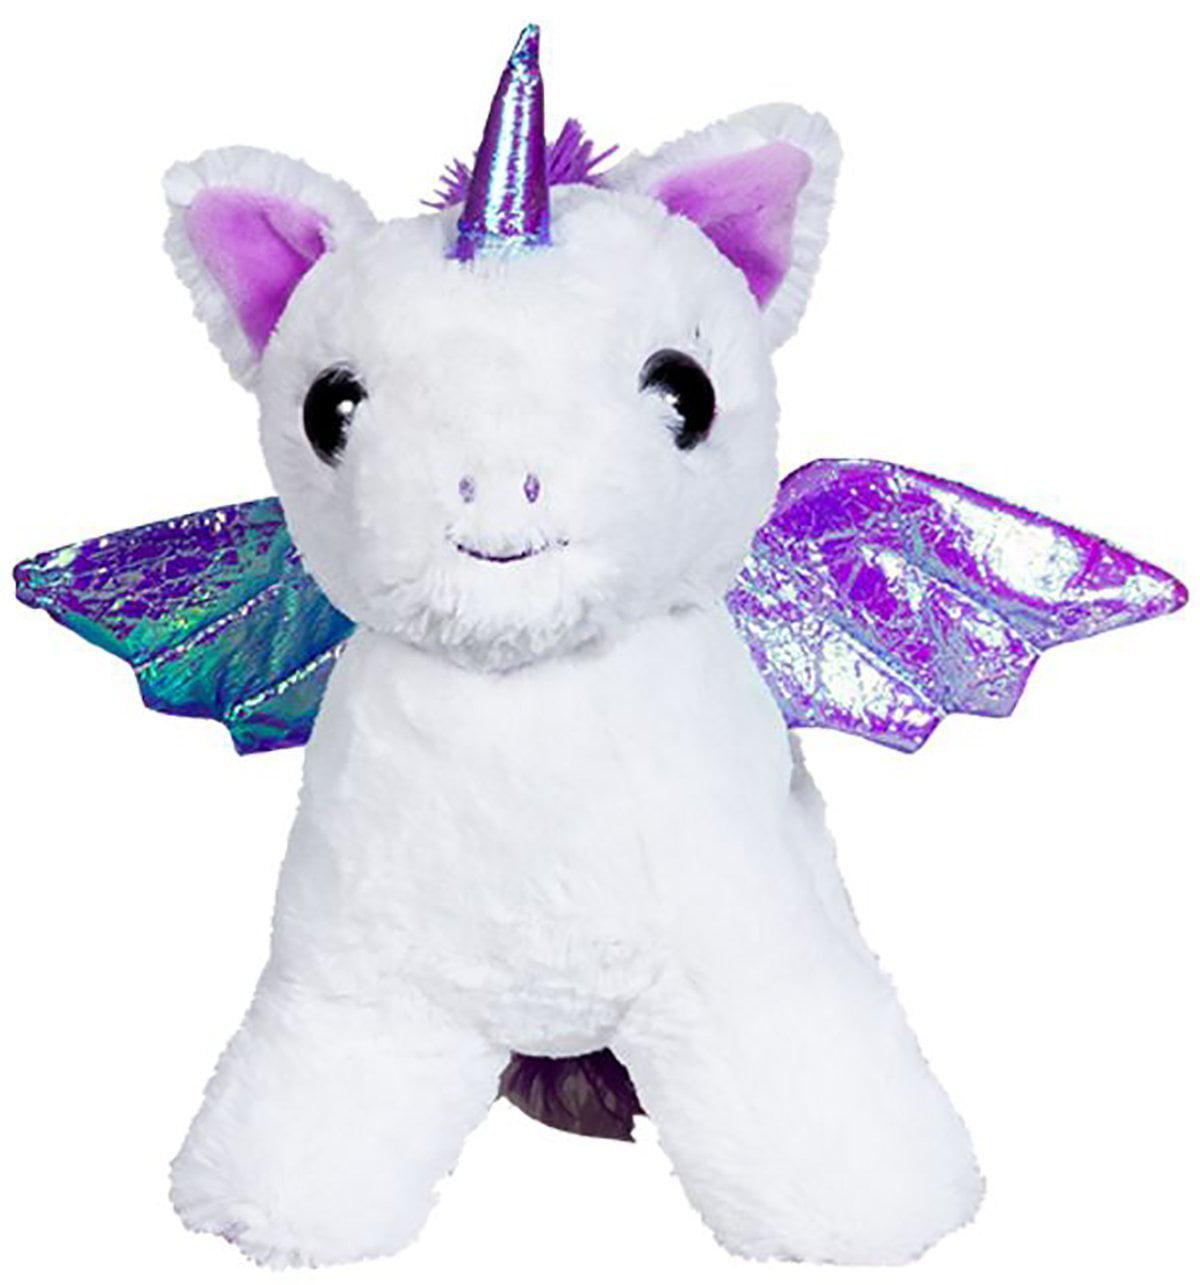 Cuddly Soft 8 inch Stuffed Moonbeam the Pegasus...We stuff 'em...you love 'em!